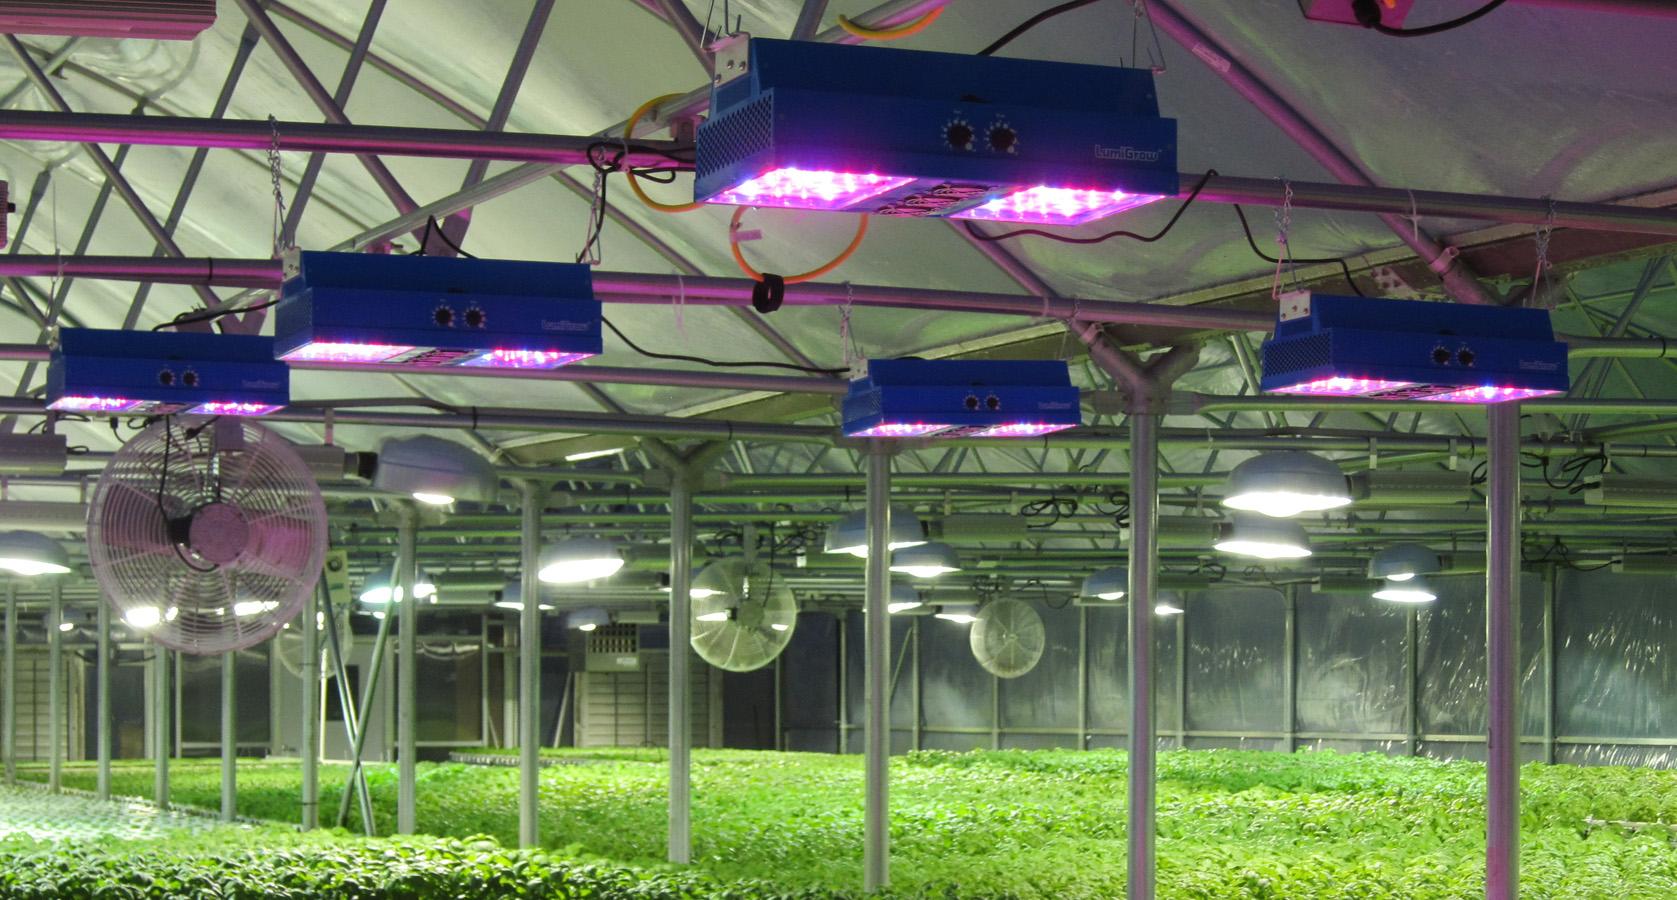 2021年全球植物照明LED市场有望年增33%至3.99亿美元